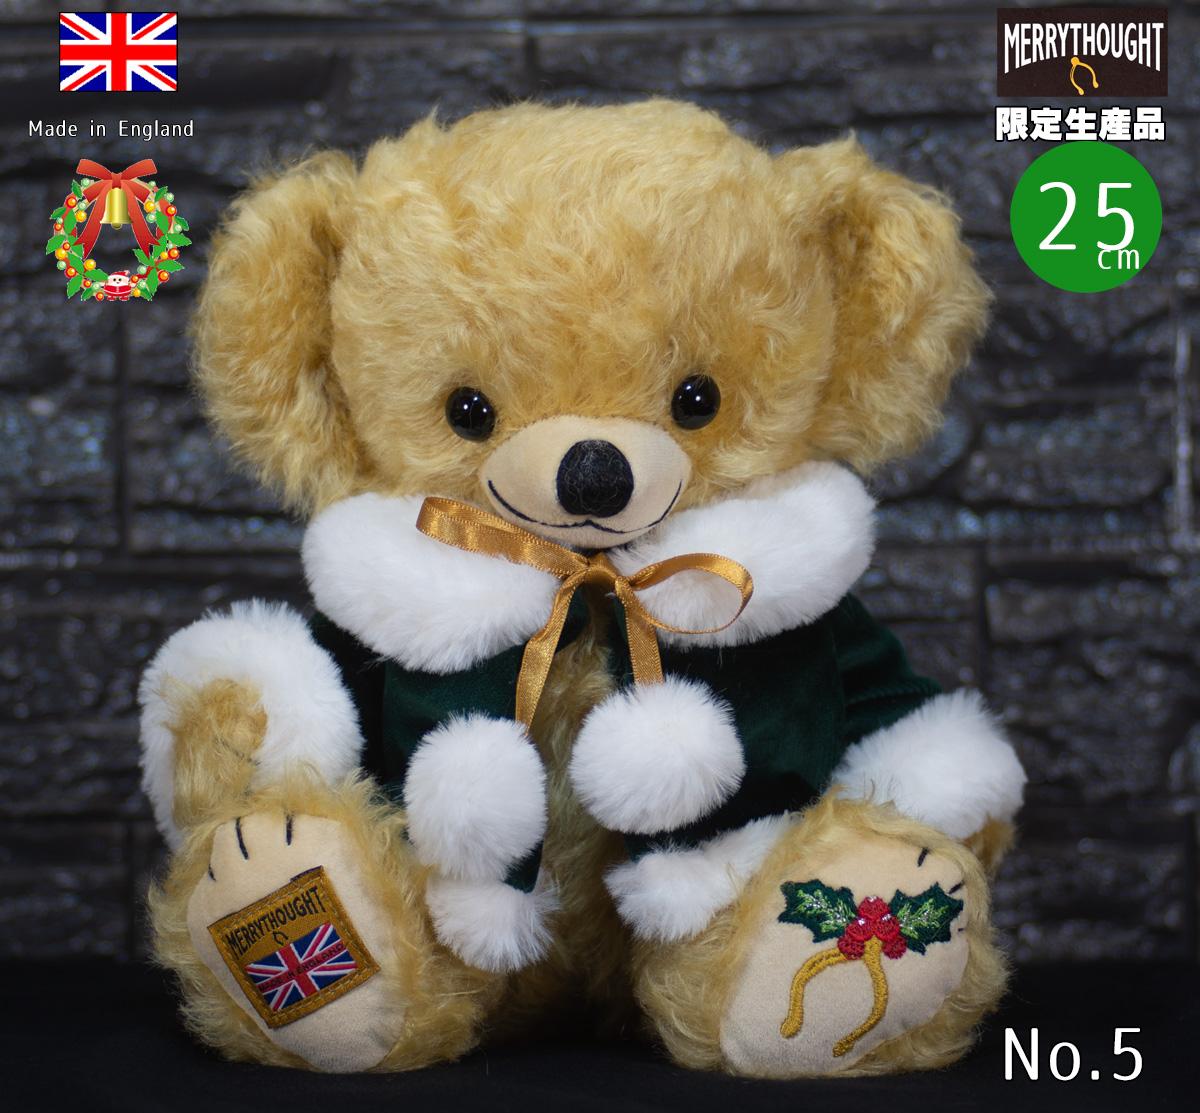 2019年日本限定 クリスマスチーキー2019 25cm テディベア ぬいぐるみ プレゼント コレクション クリスマス